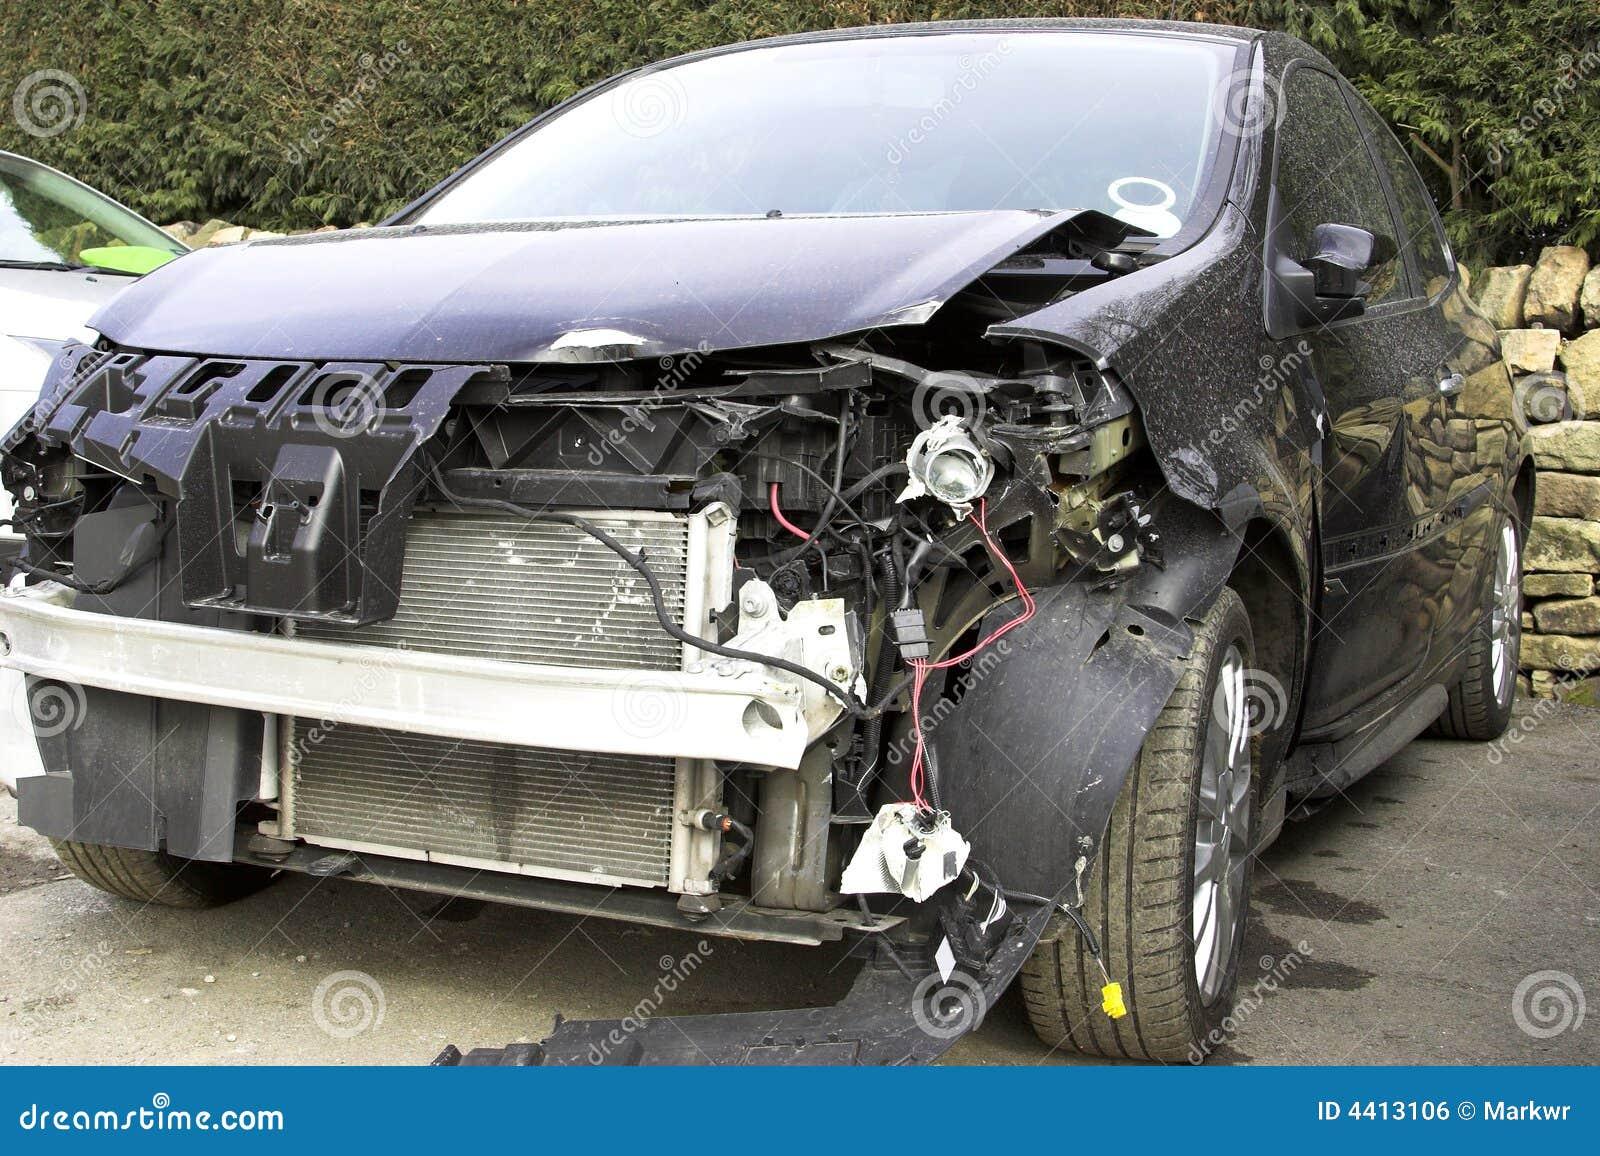 Nett Download Unfall Bilder - Verdrahtungsideen - korsmi.info